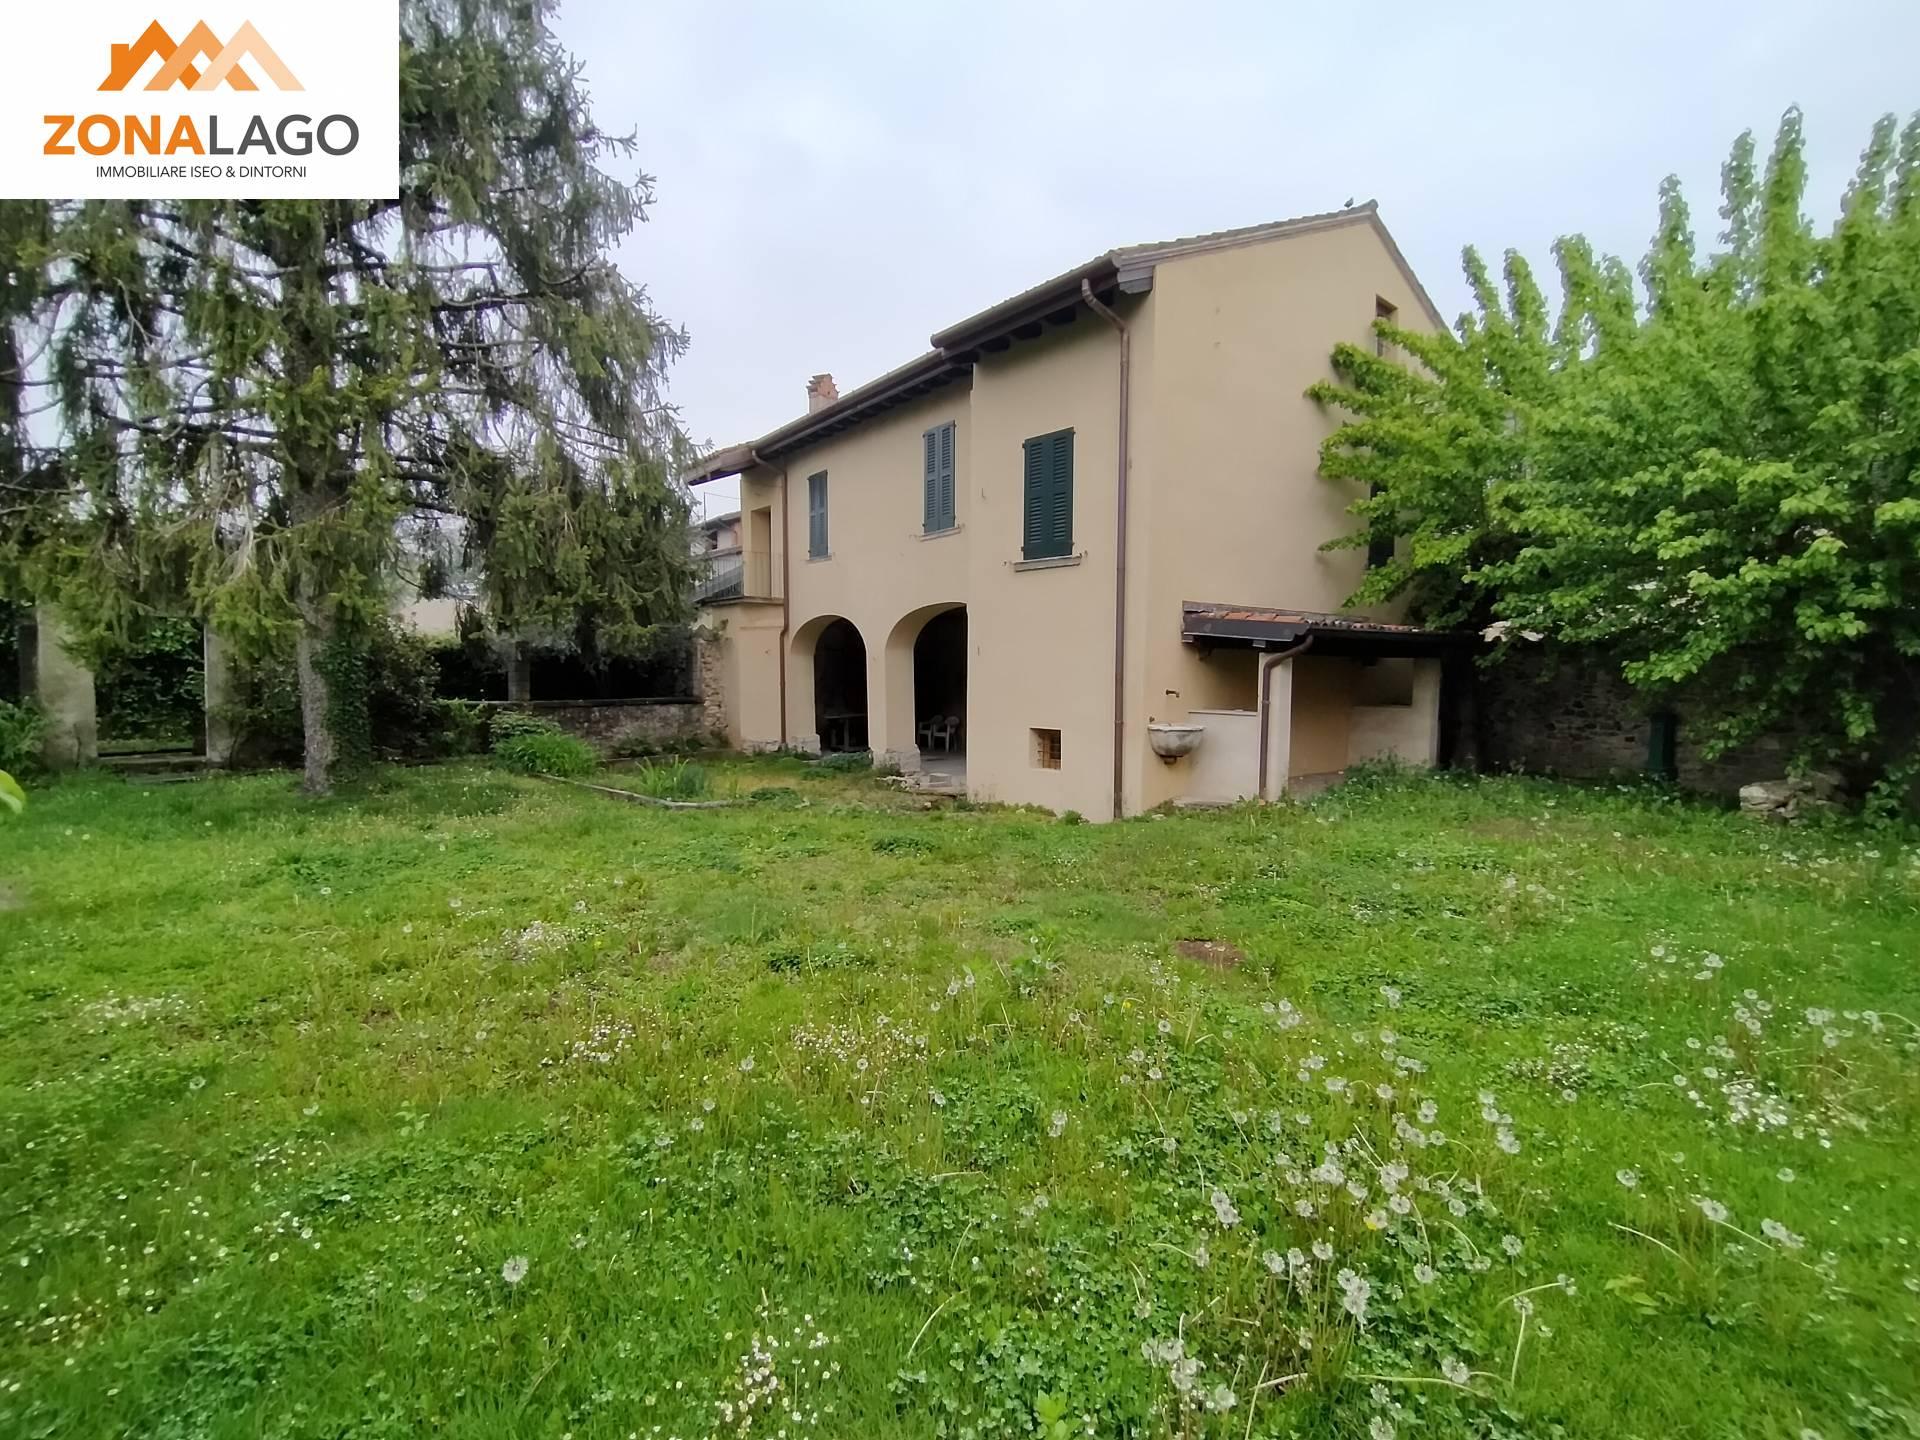 Rustico / Casale in vendita a Passirano, 6 locali, zona gnone, prezzo € 380.000 | PortaleAgenzieImmobiliari.it